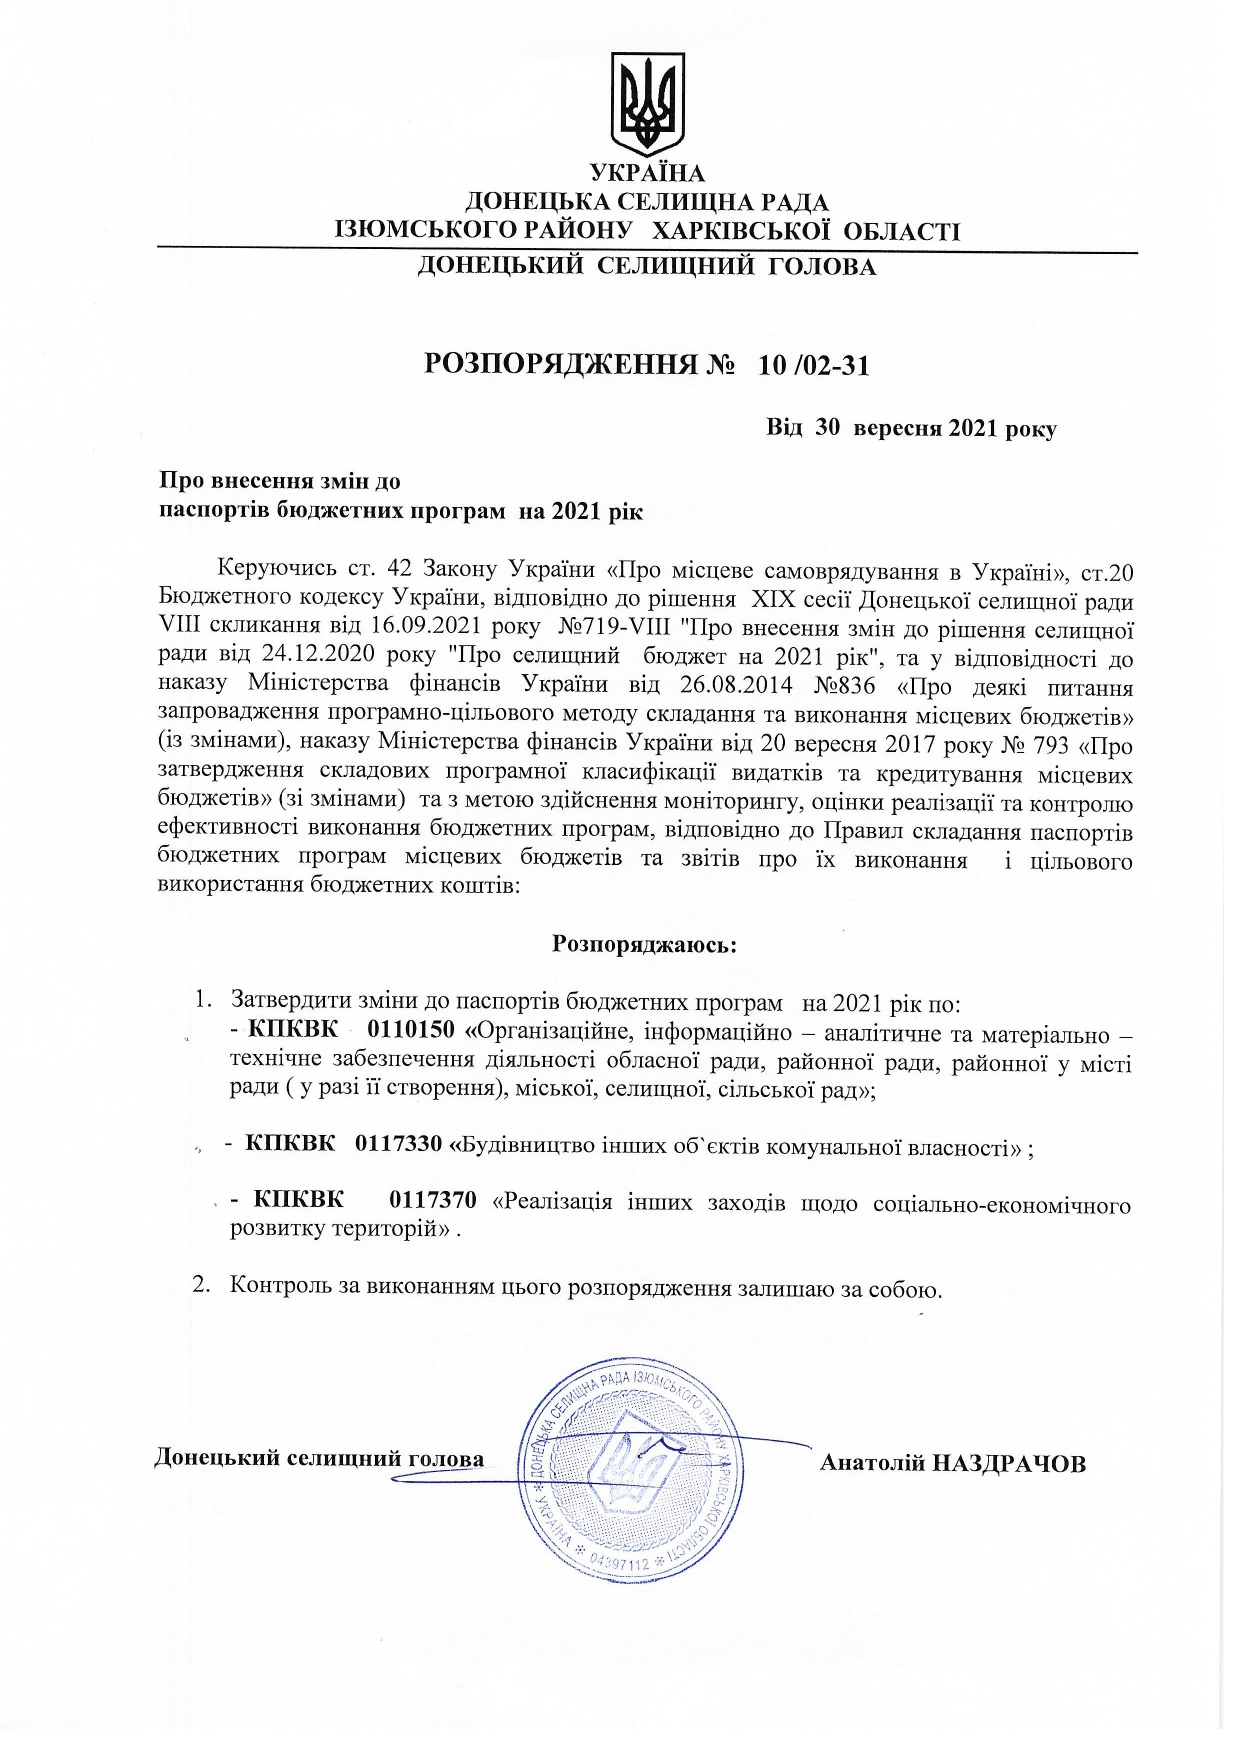 Розпорядження №10 /02-31 від 30 вересня 2021 року